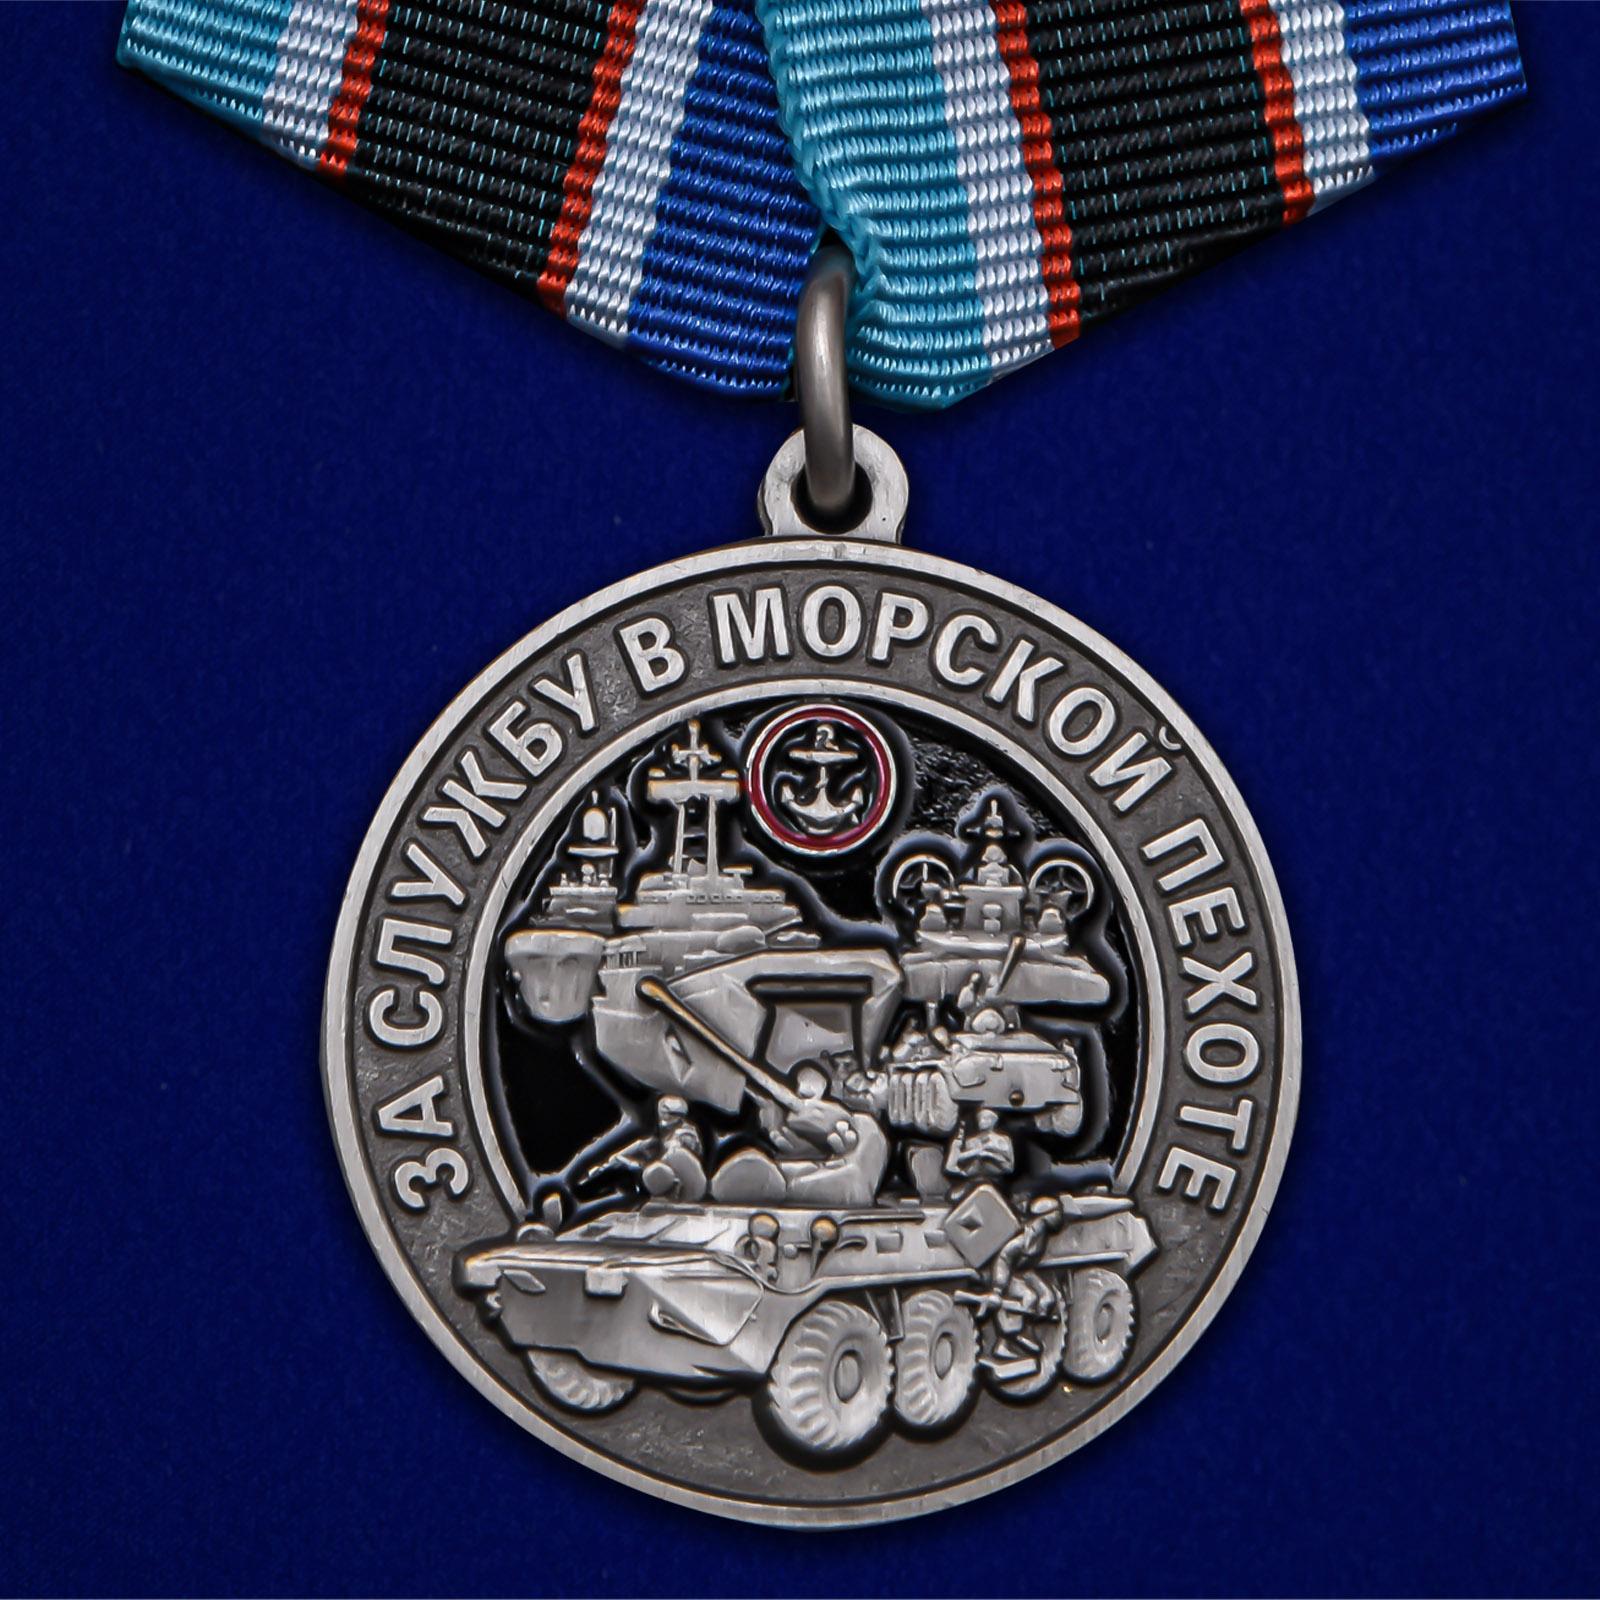 """Памятная медаль """"За службу в Морской пехоте"""""""